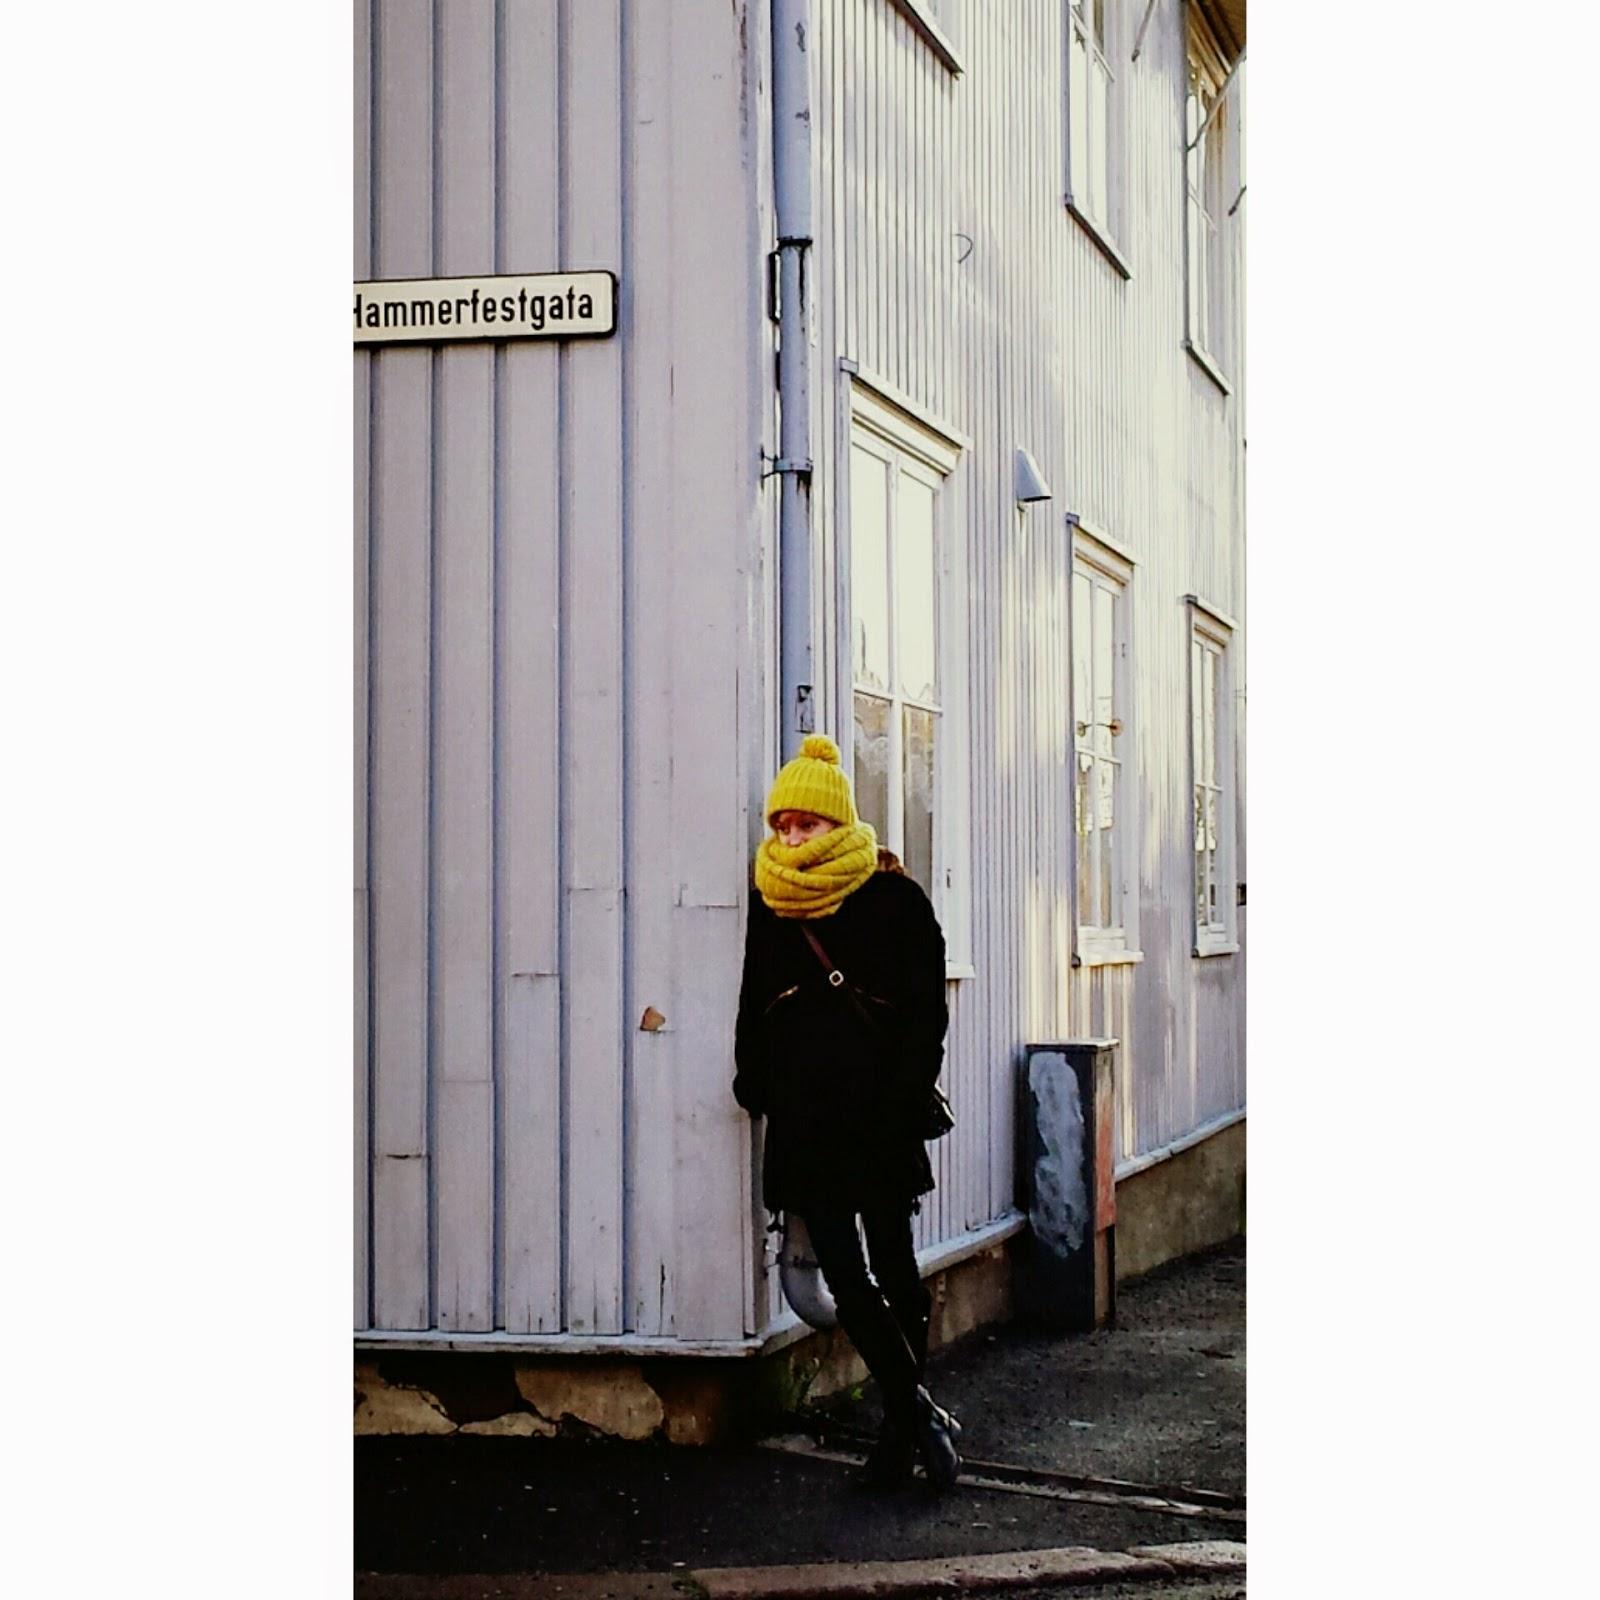 życie w Norwegii, podróż, tanie podróżowanie, zwiedzanie, instagram